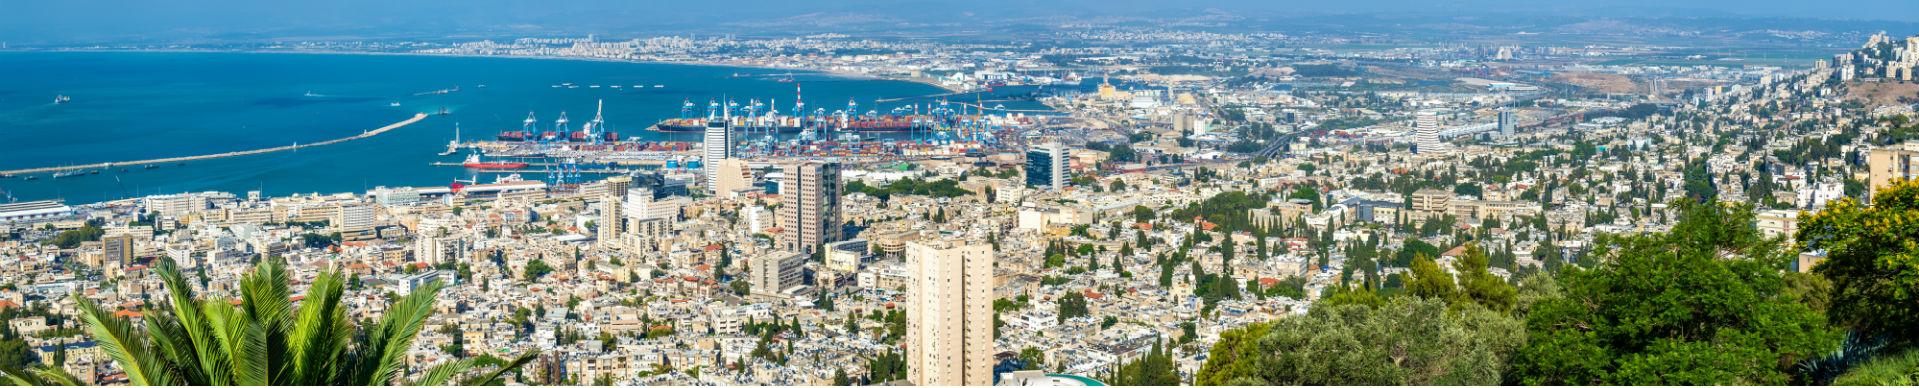 מרחב חיפה והצפון